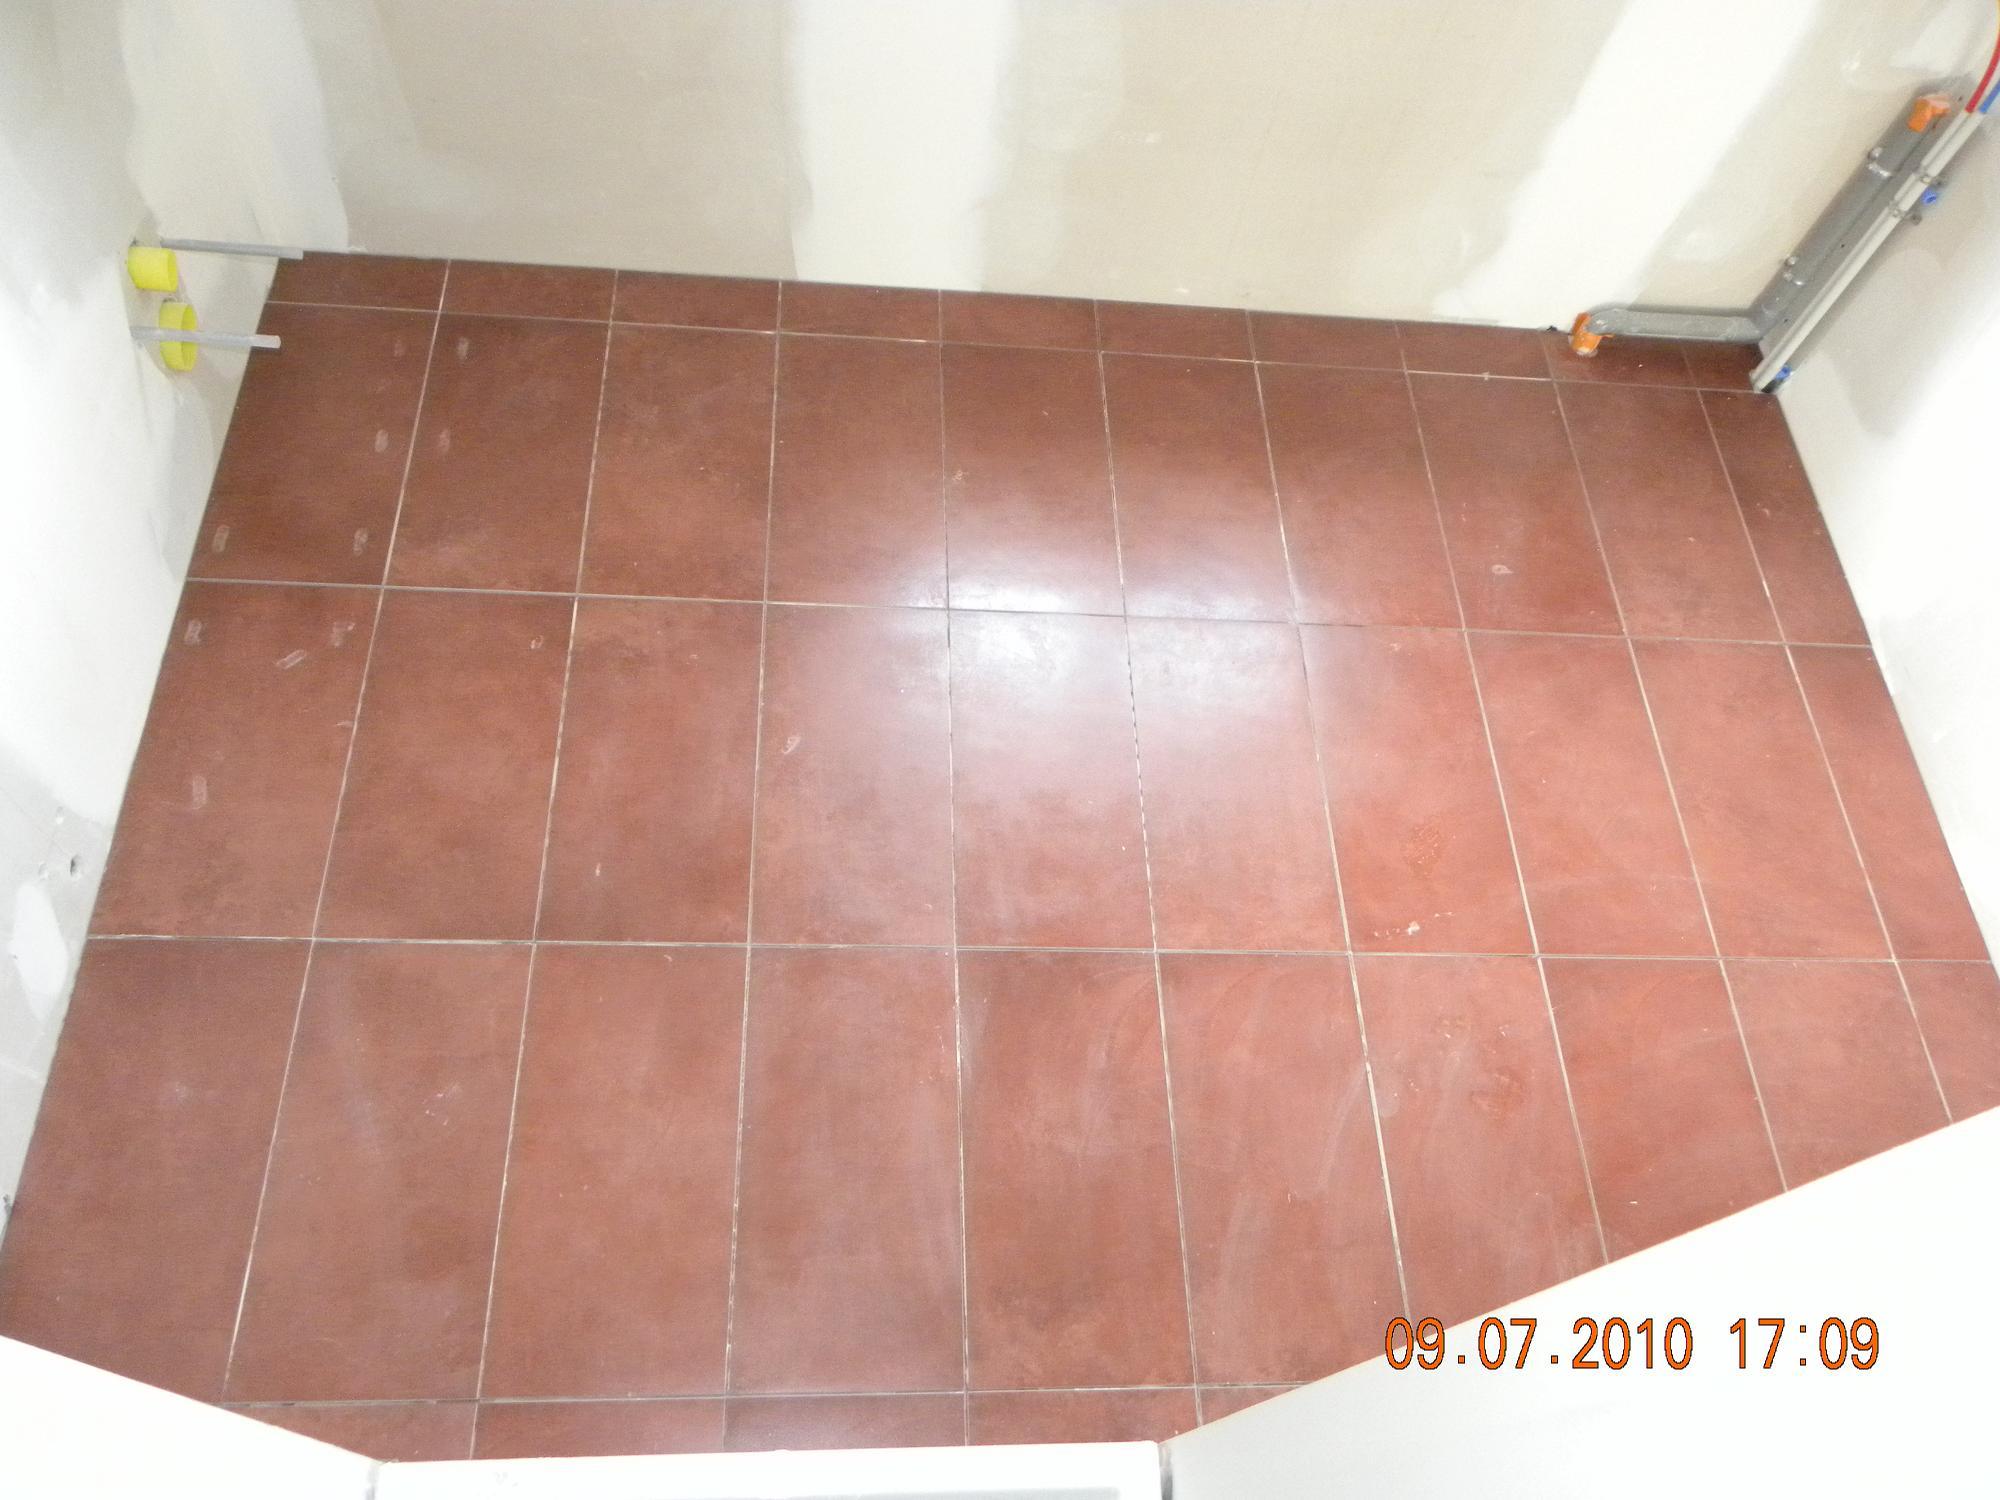 Carrelage couleur bordeaux dans la salle de bains - Carrelage metro bordeaux ...